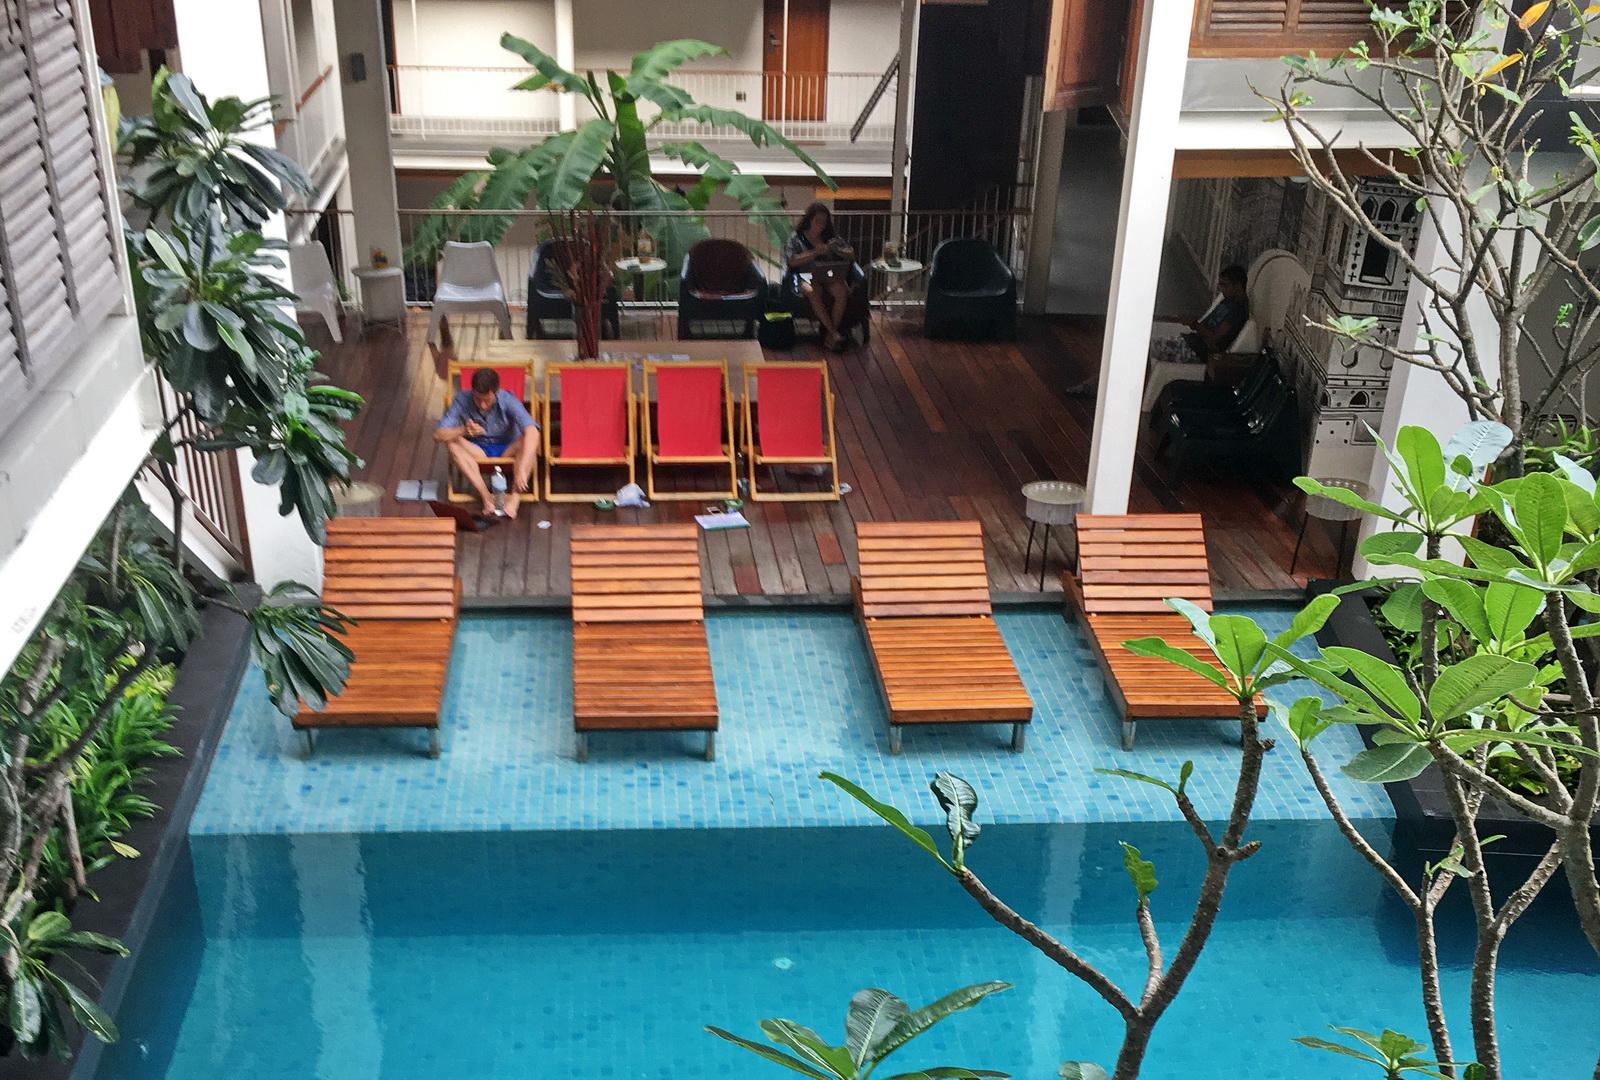 Thailand, Nanda Heritage Hotel on Hiden Thailand